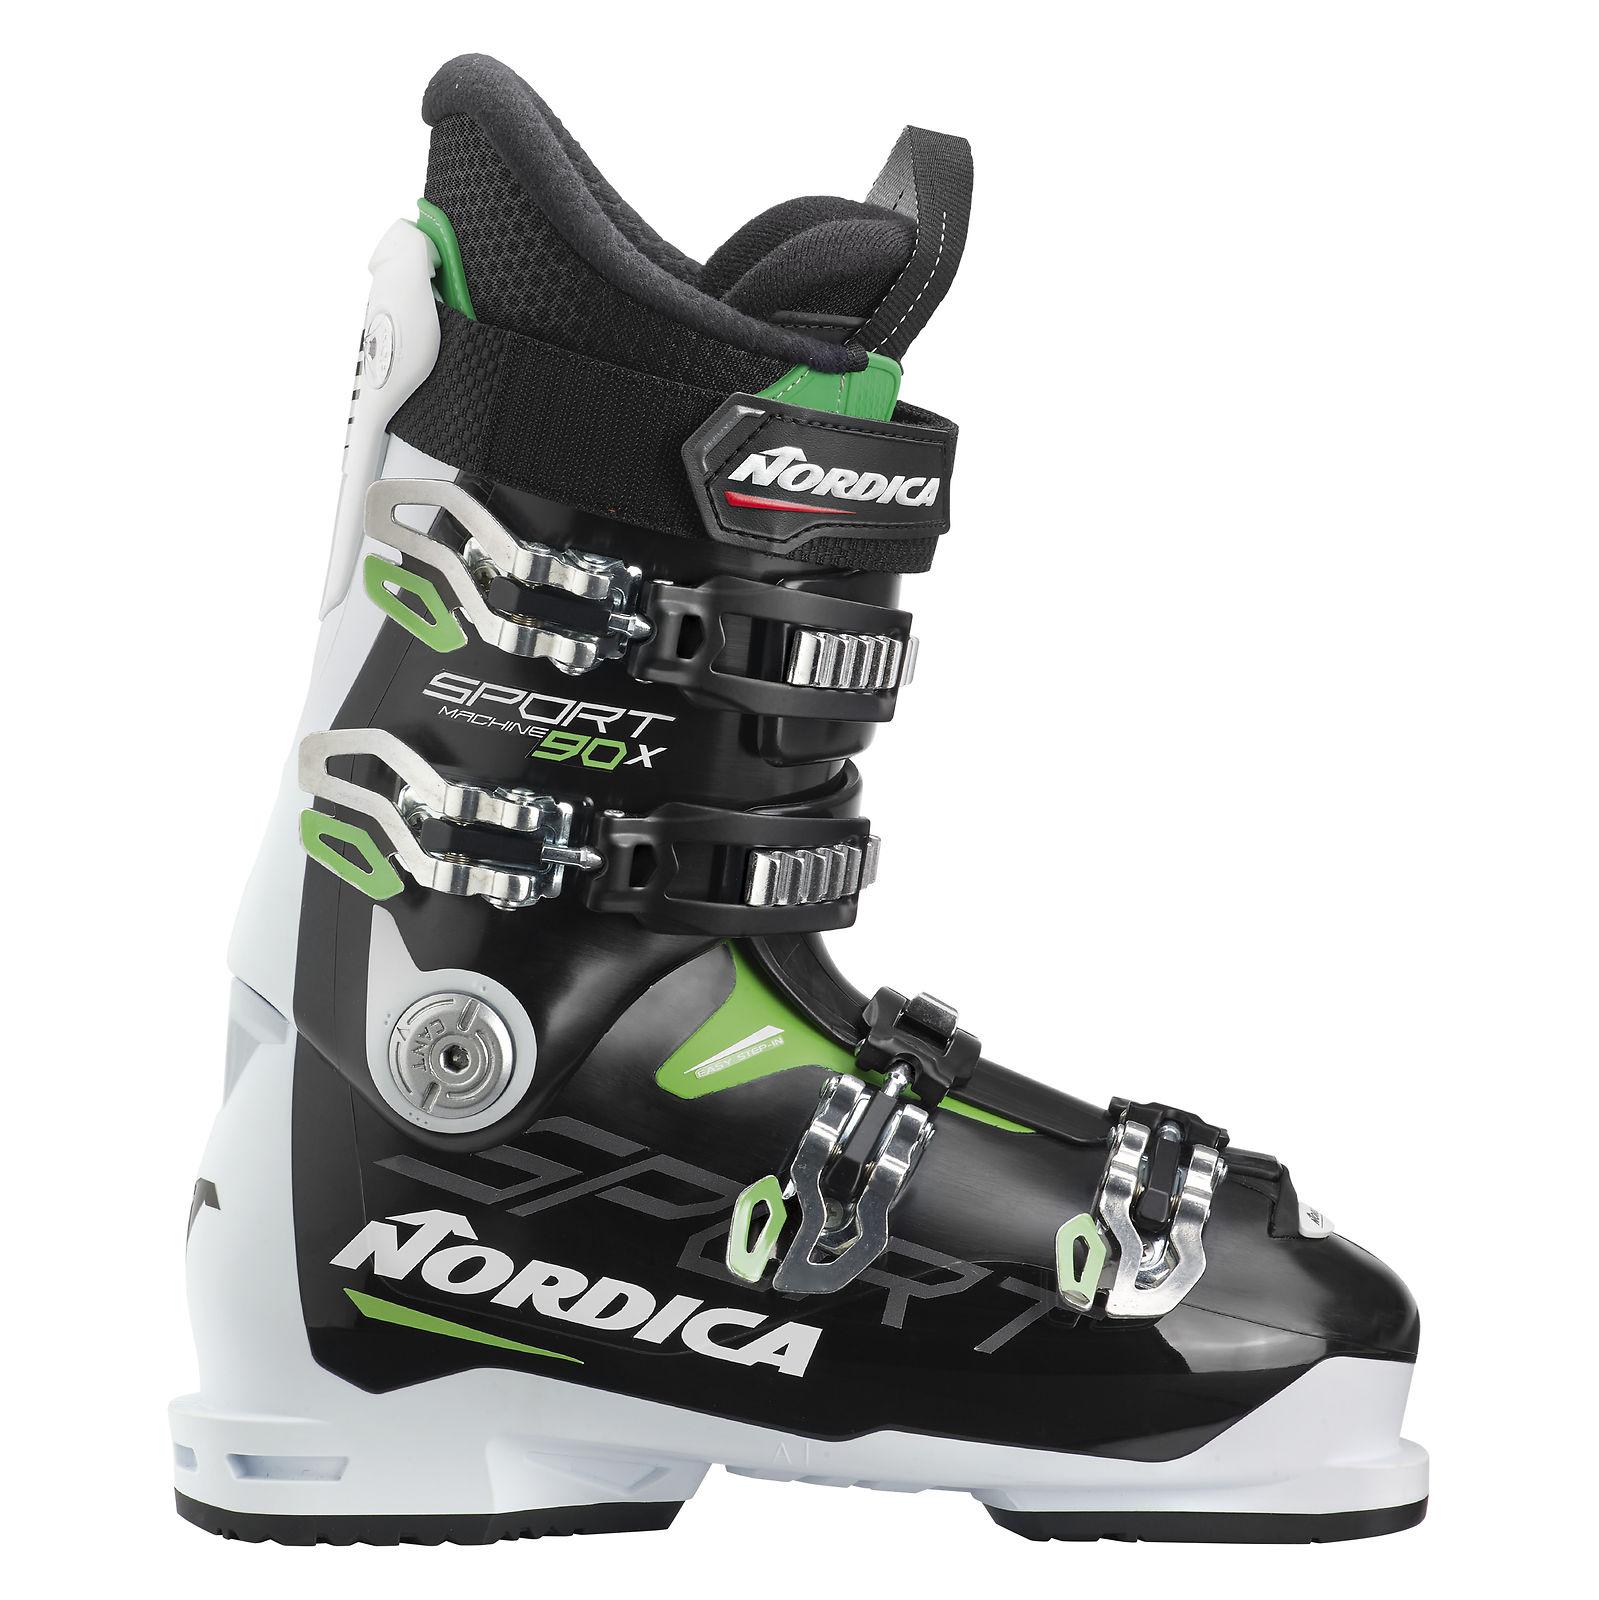 Buty narciarskie męskie Nordica SportMachine 90